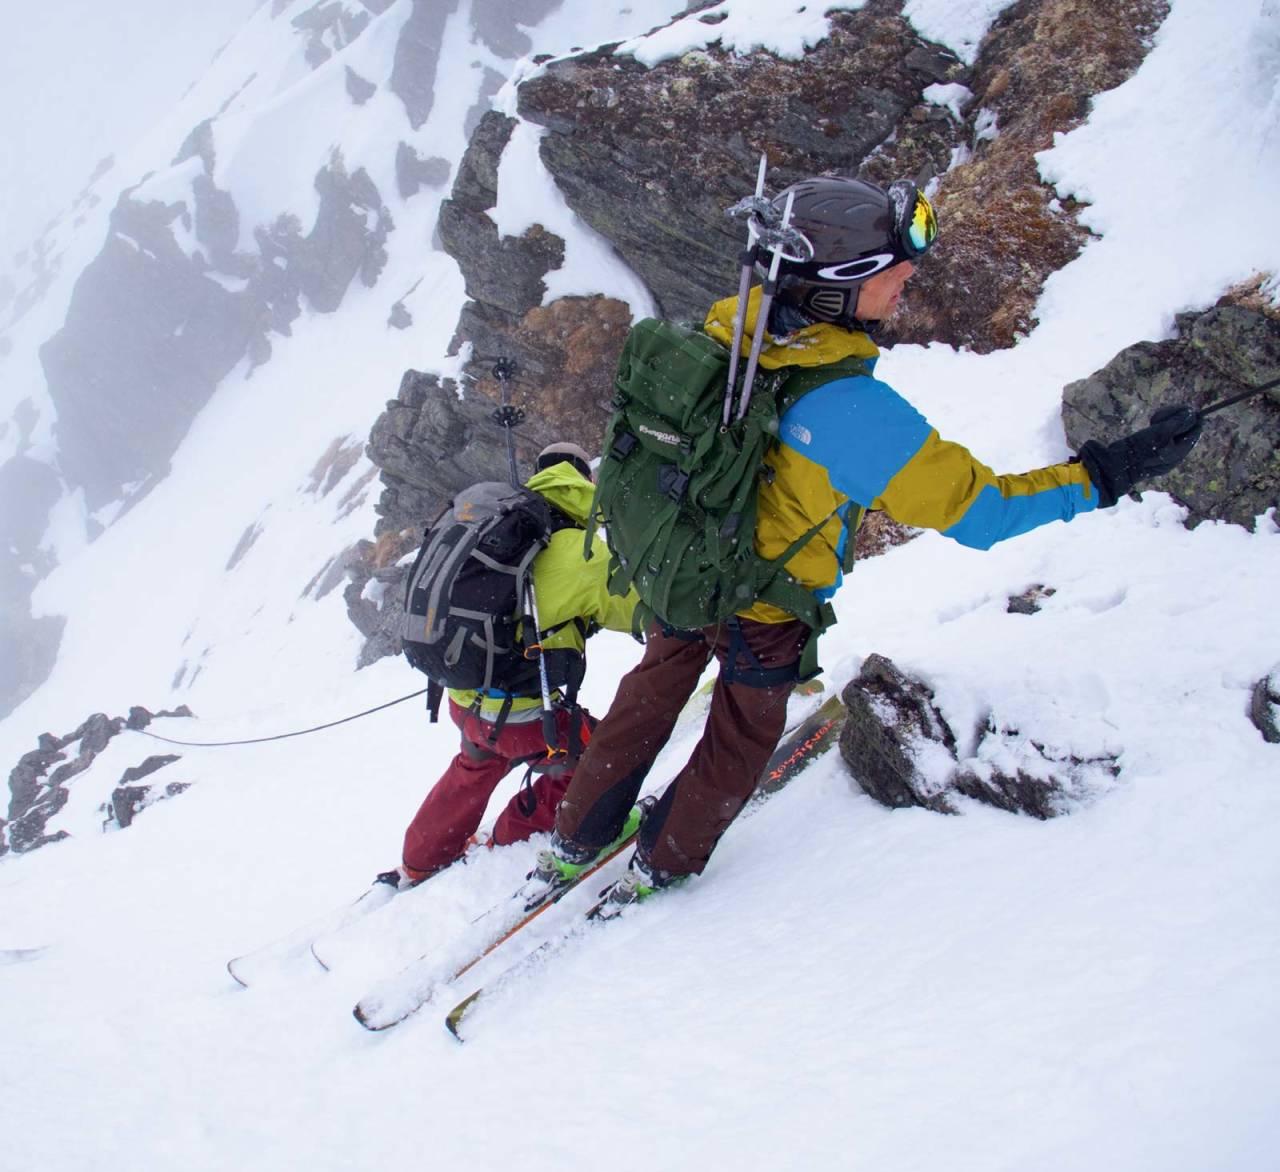 Fra Tredjetoppen og ned til passet før Moskočohkka kan det være greit å bruke tau. Mikael af Ekenstam og Ole Embret Fodnæss beveger seg nedover. Foto: Simen Berg